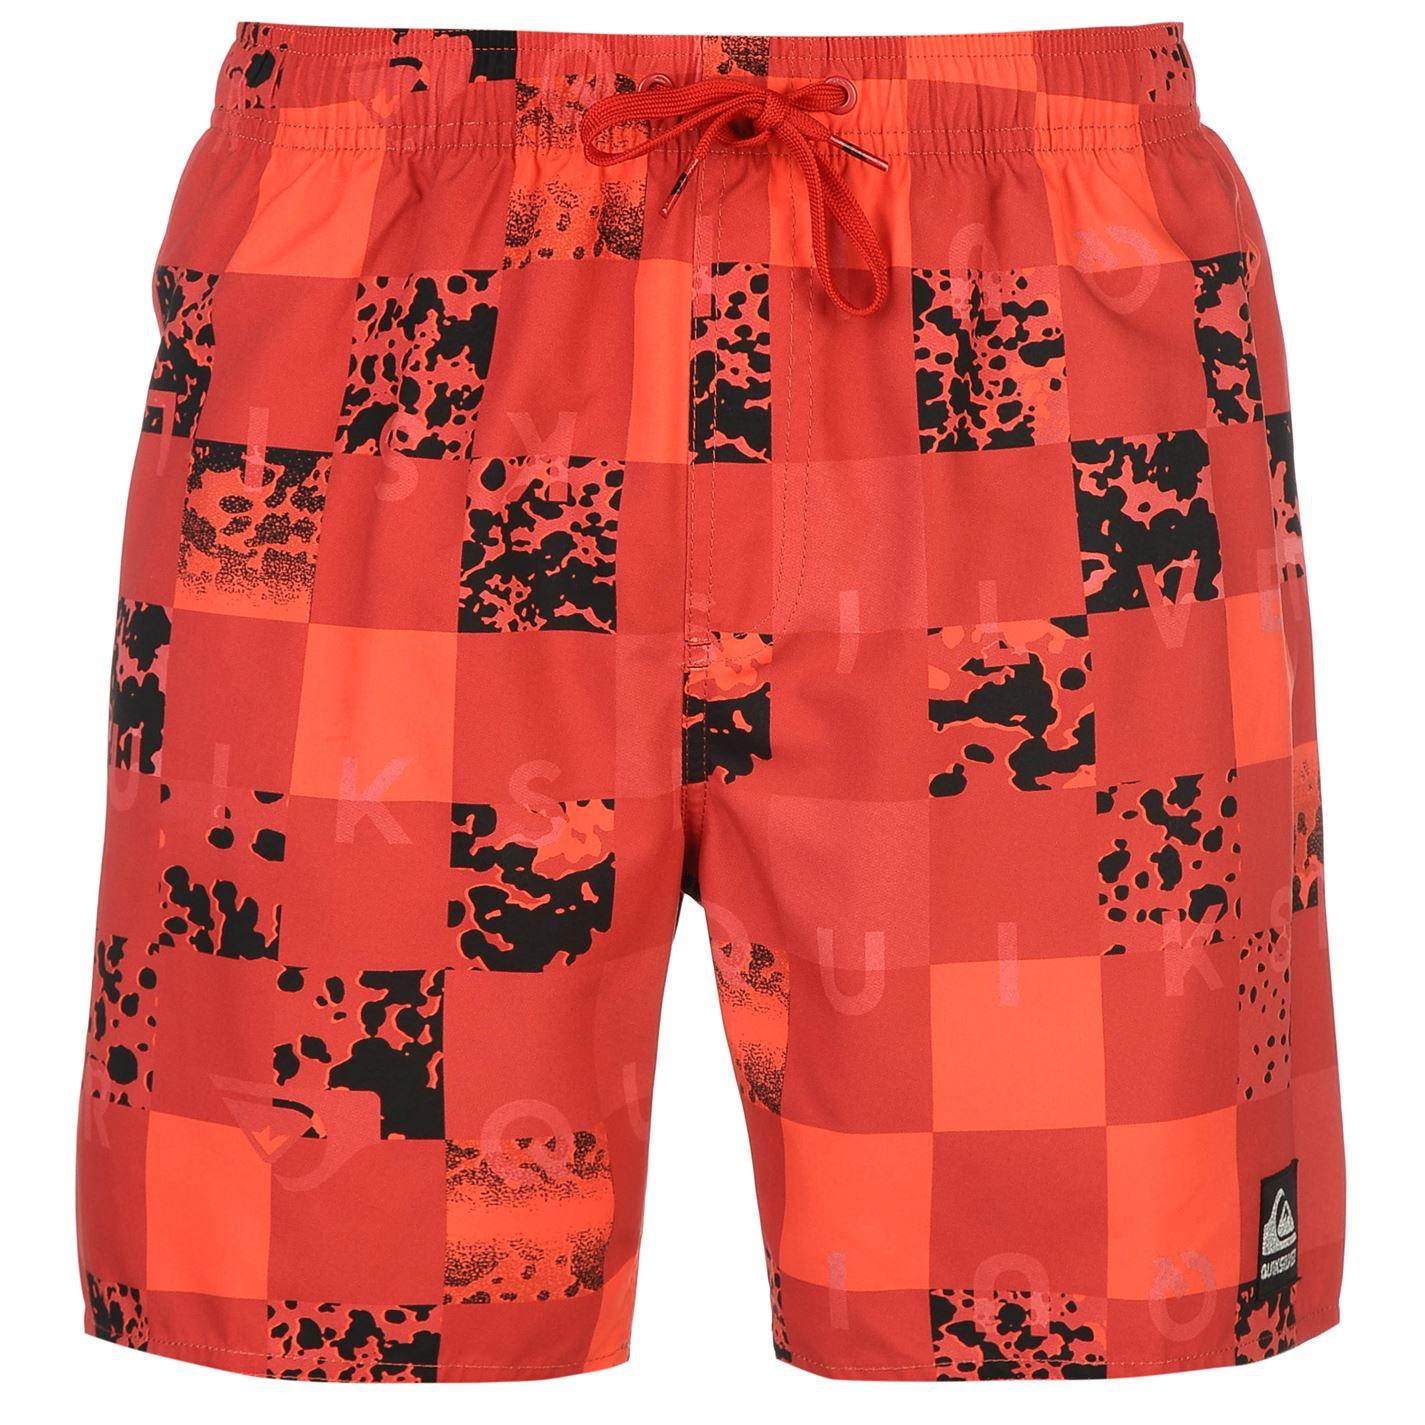 Quiksilver Chuka 17 Shorts Mens